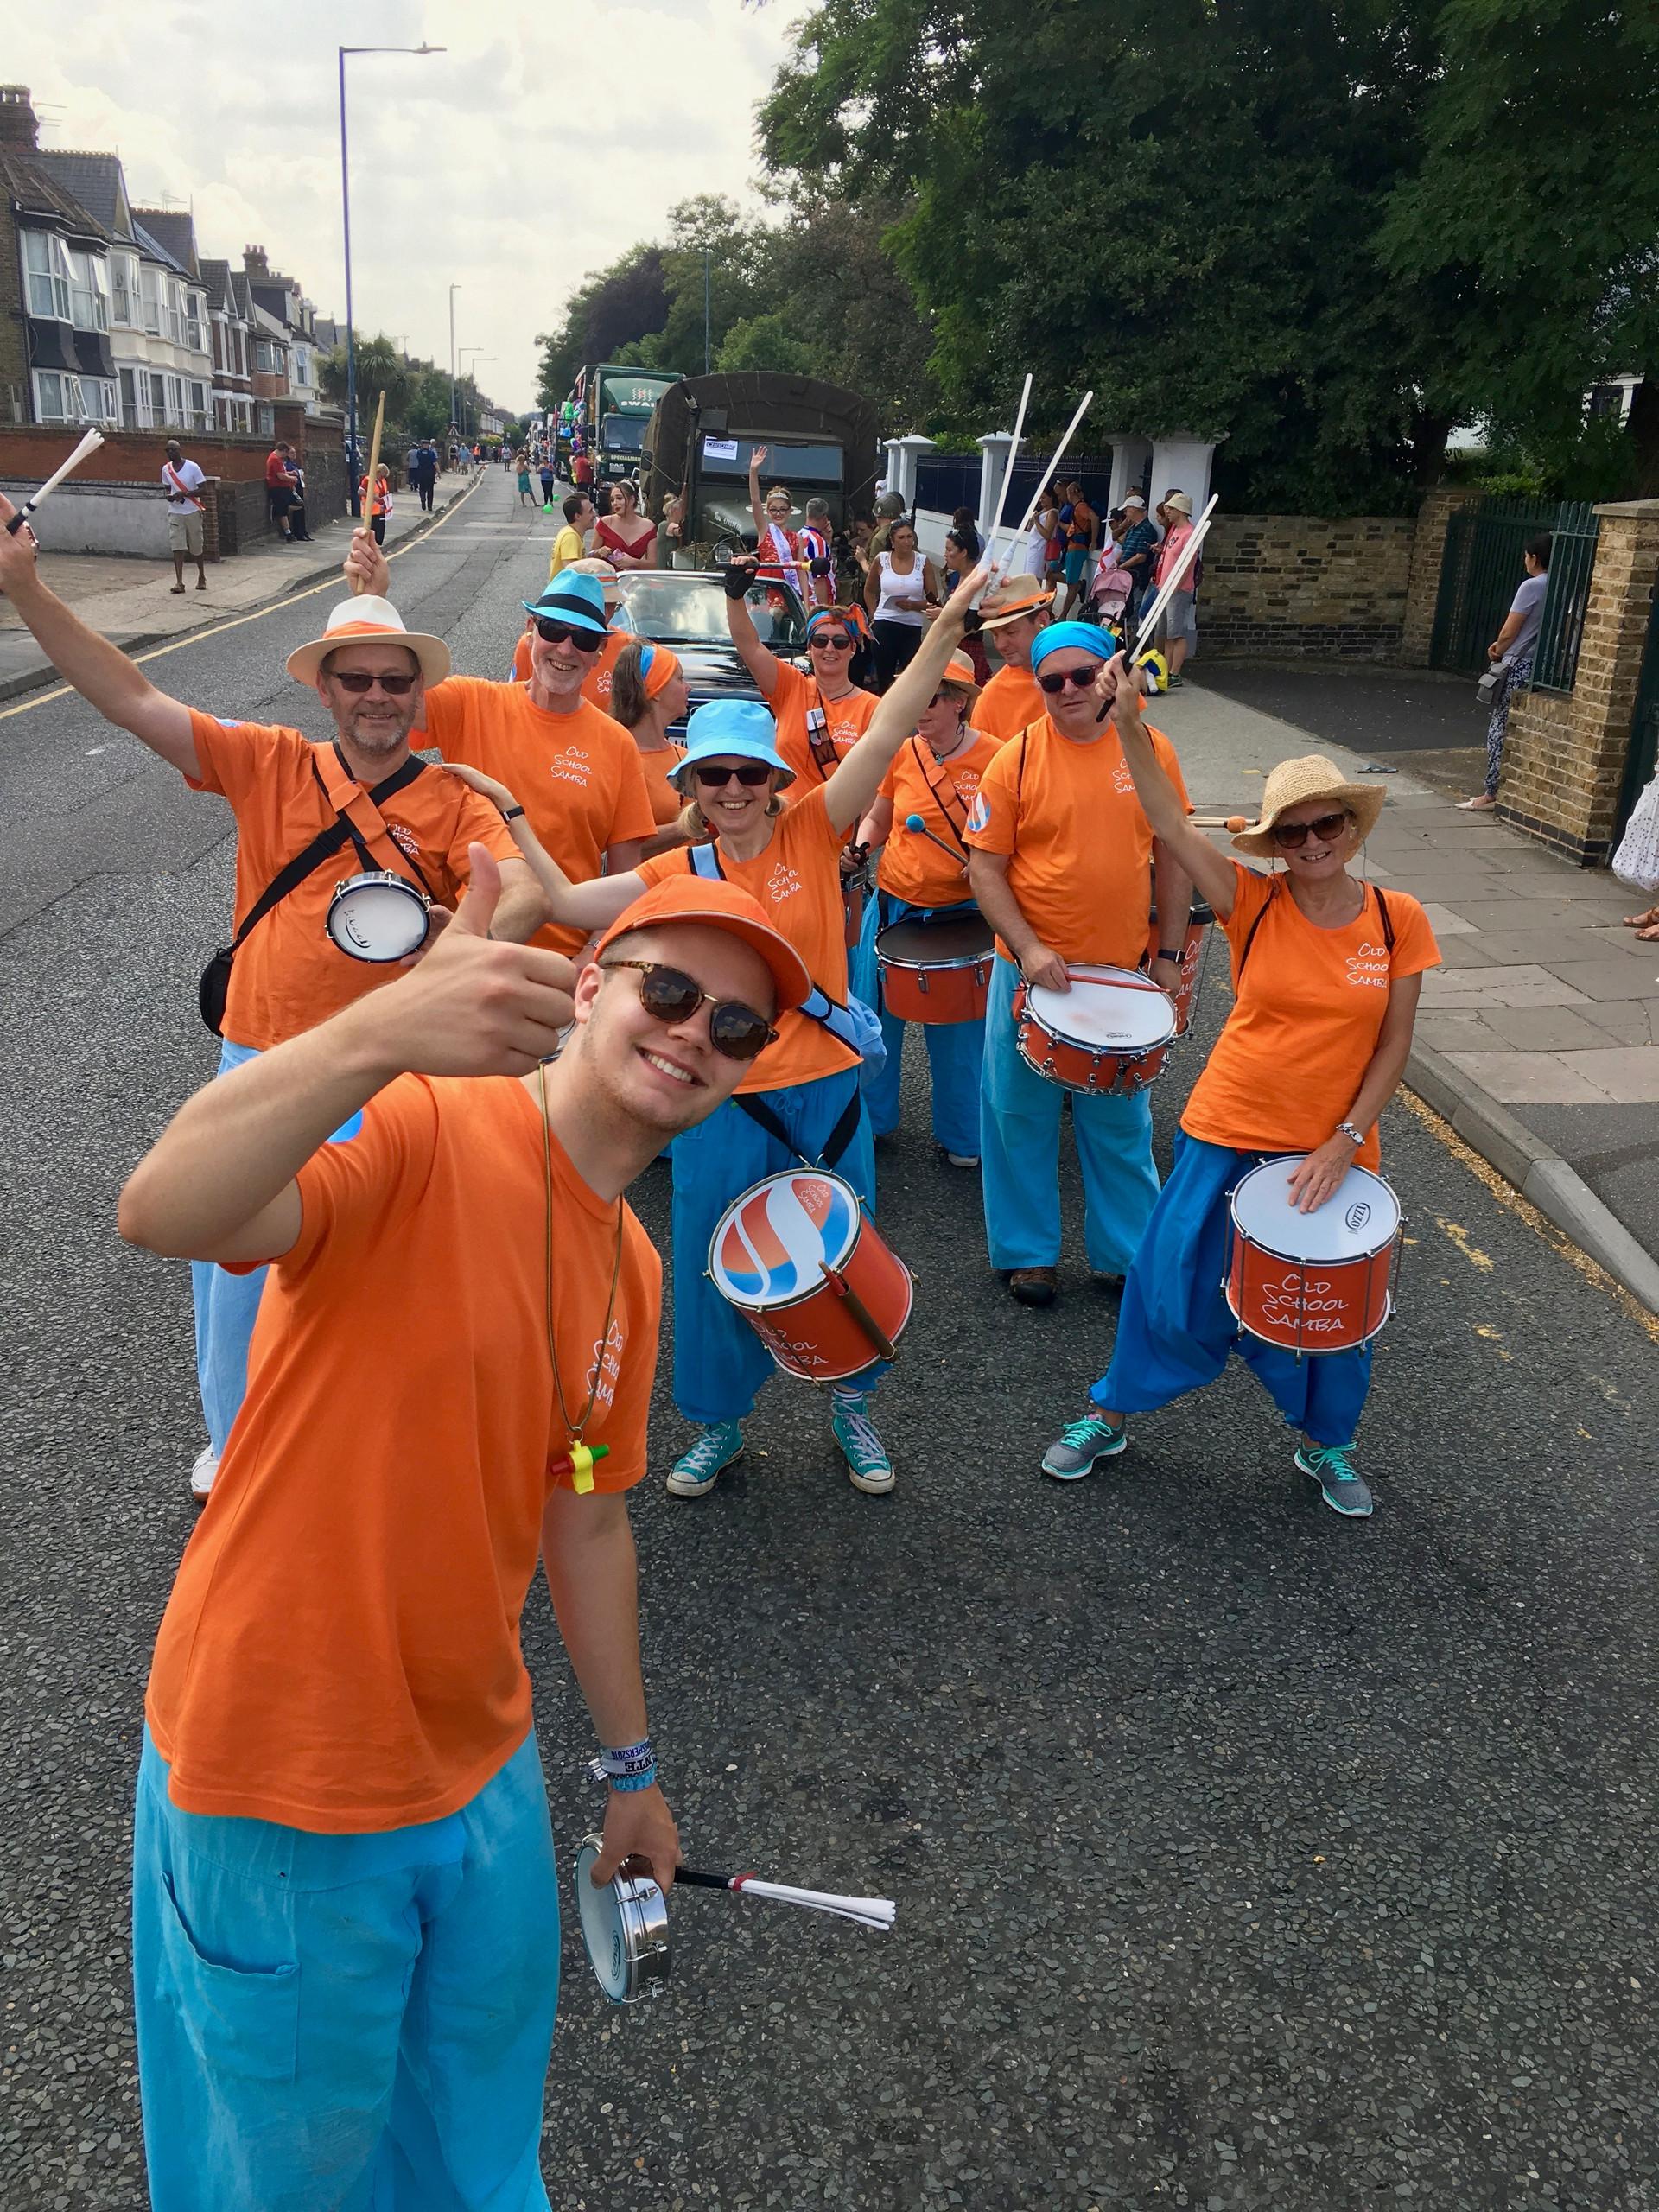 Old School Samba at the Northfleet Carnival